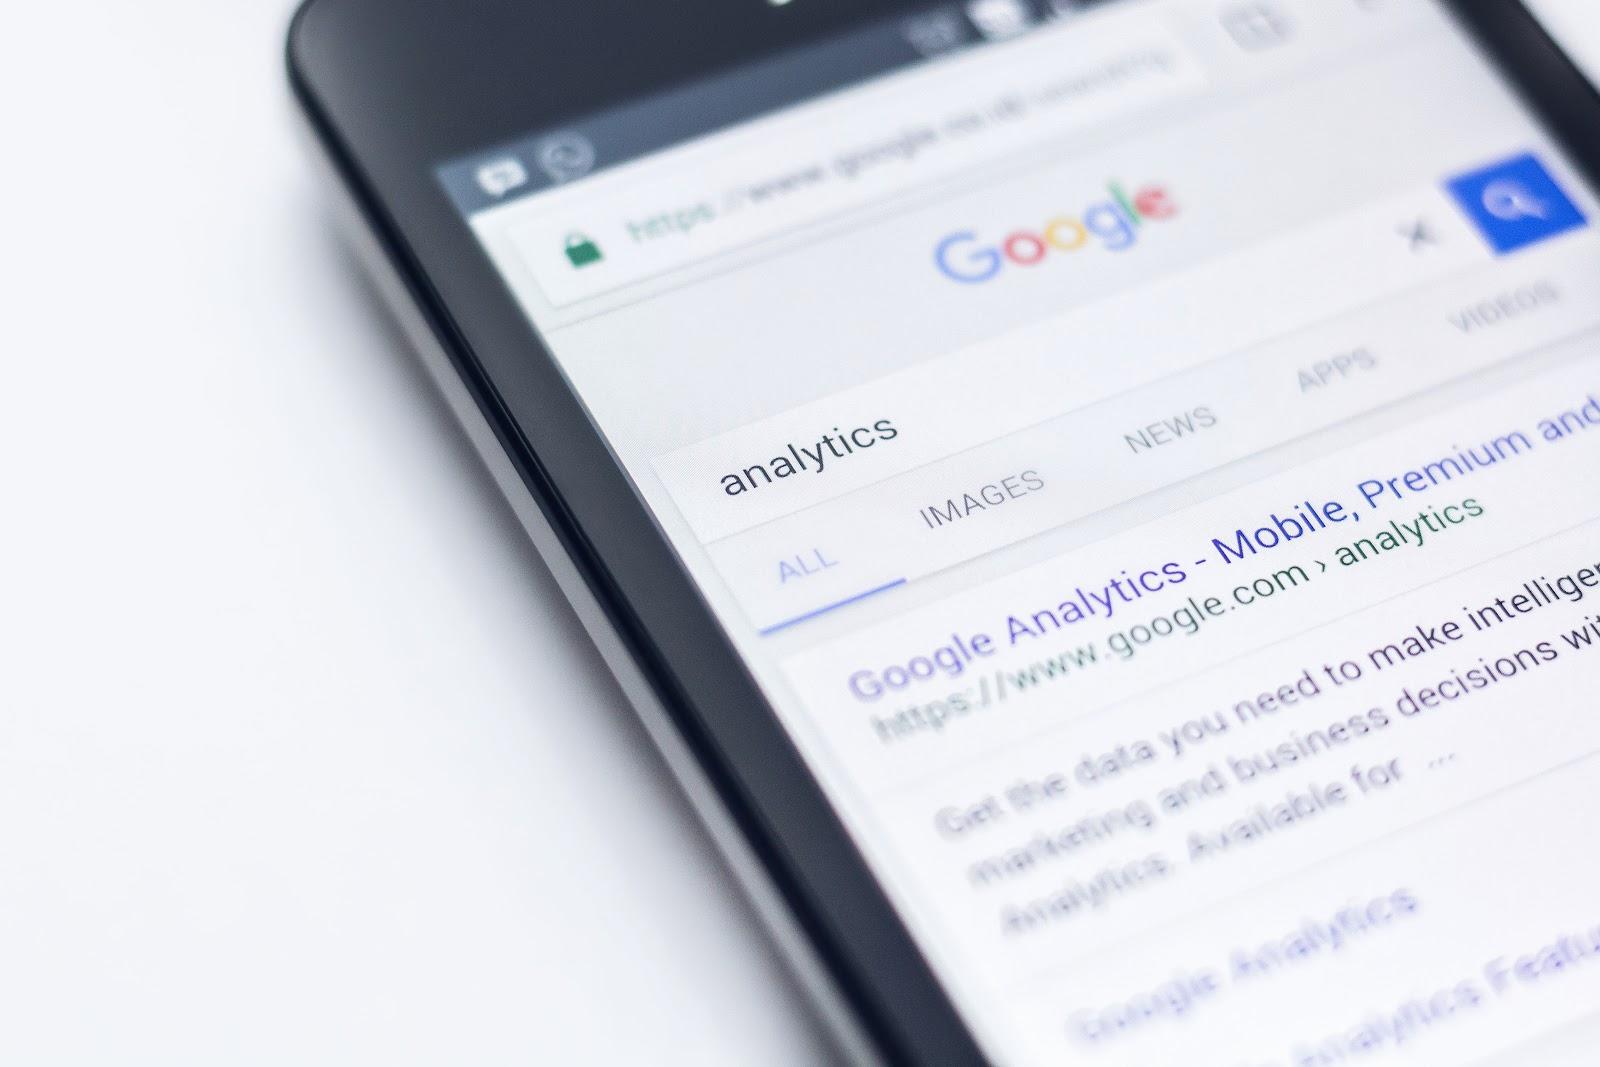 """Celular em cima de uma mesa branca. Na tela do dispositivo, os resultados de uma pesquisa da palavra """"Analytics"""" feita no Google."""